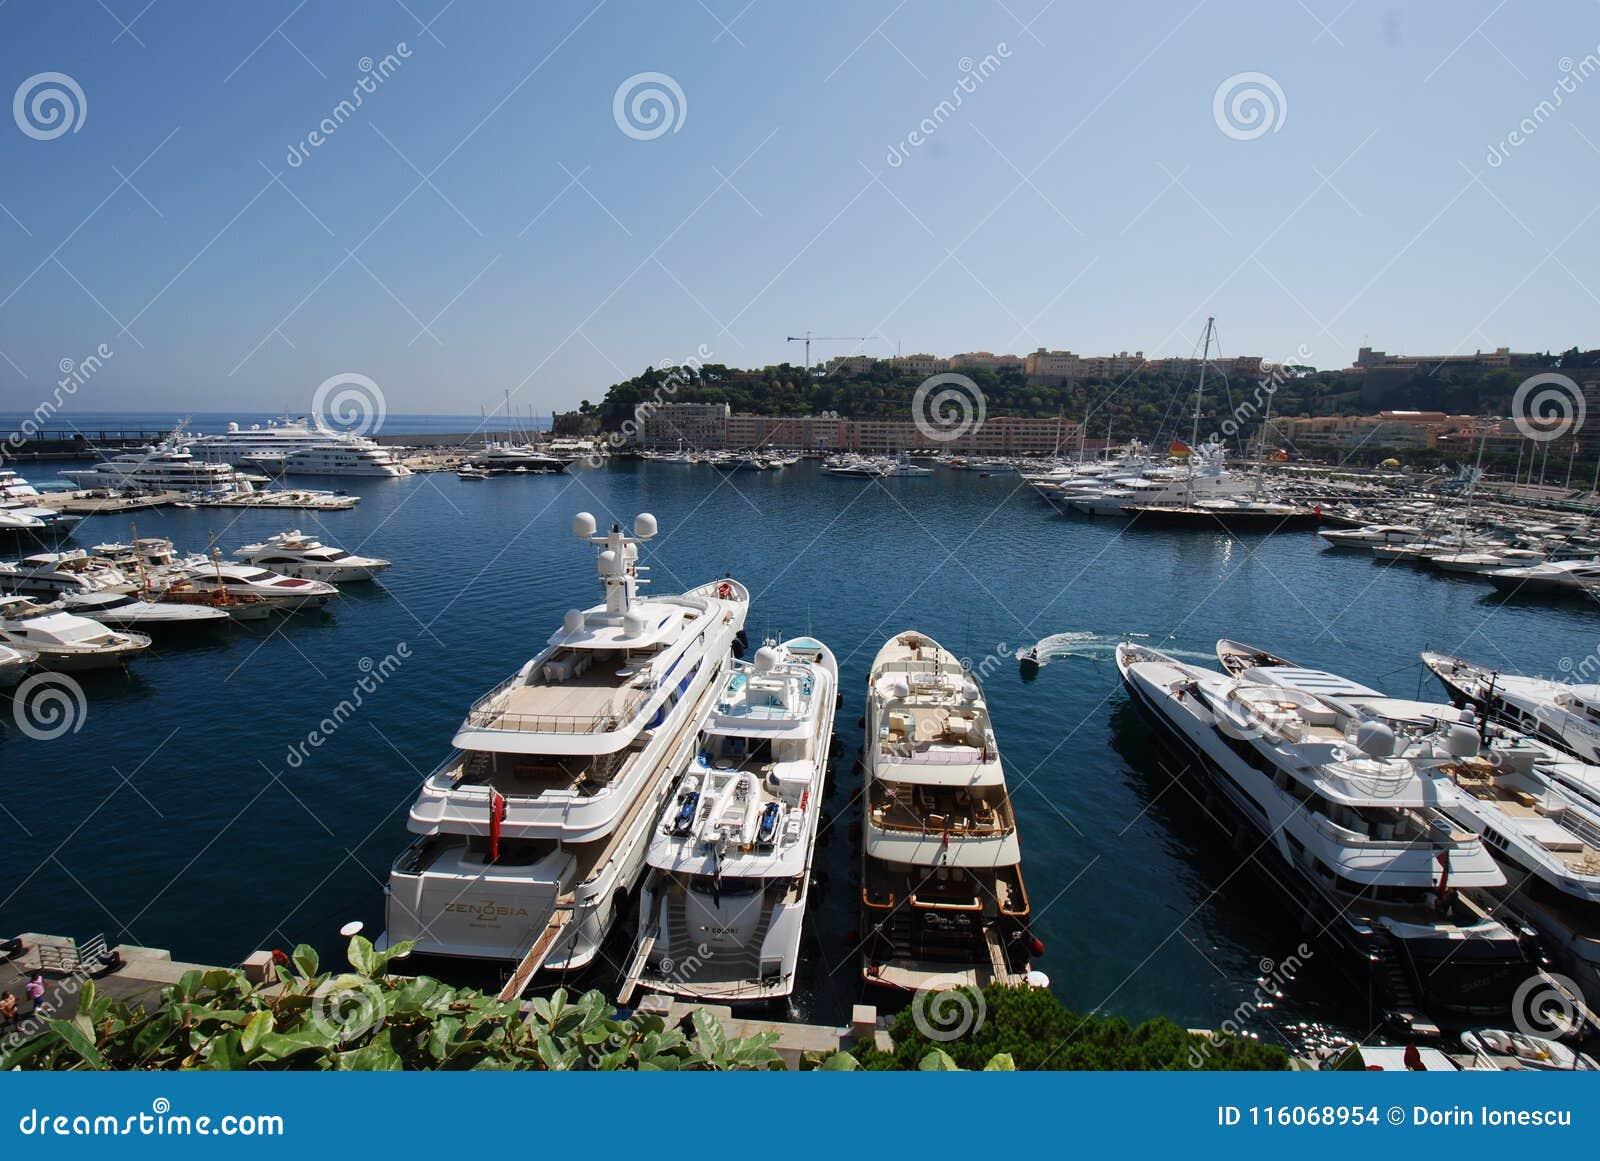 Baía de Mônaco, porto, porto, doca, corpo de água